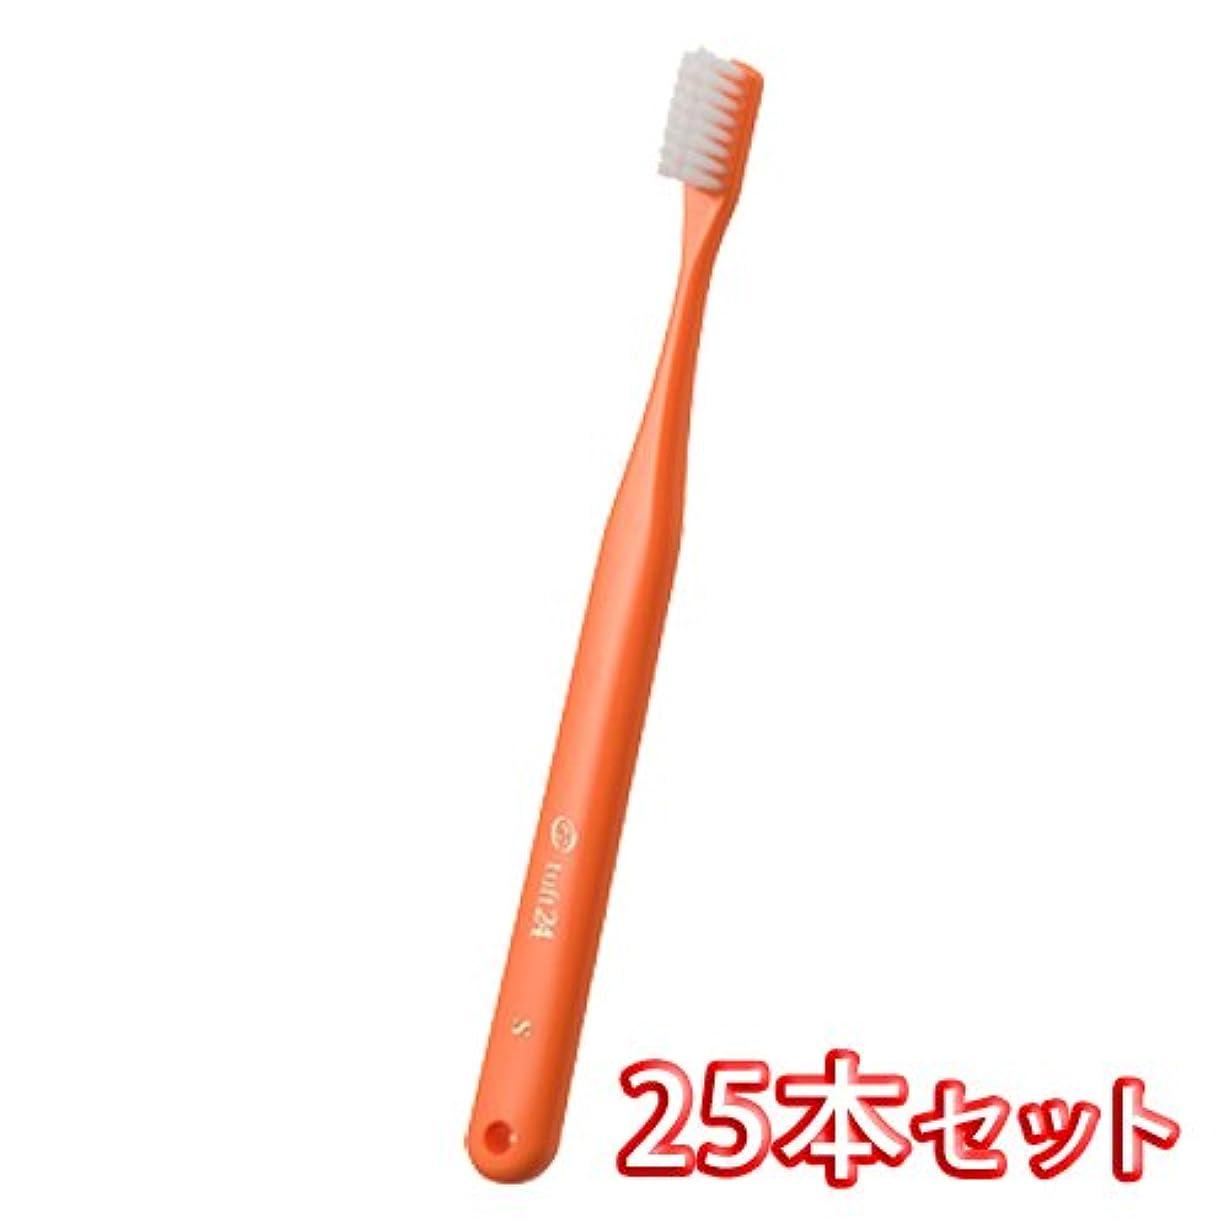 落ち着いた懇願するパールオーラルケア キャップ付き タフト 24歯ブラシ 25本入 ミディアム M (オレンジ)